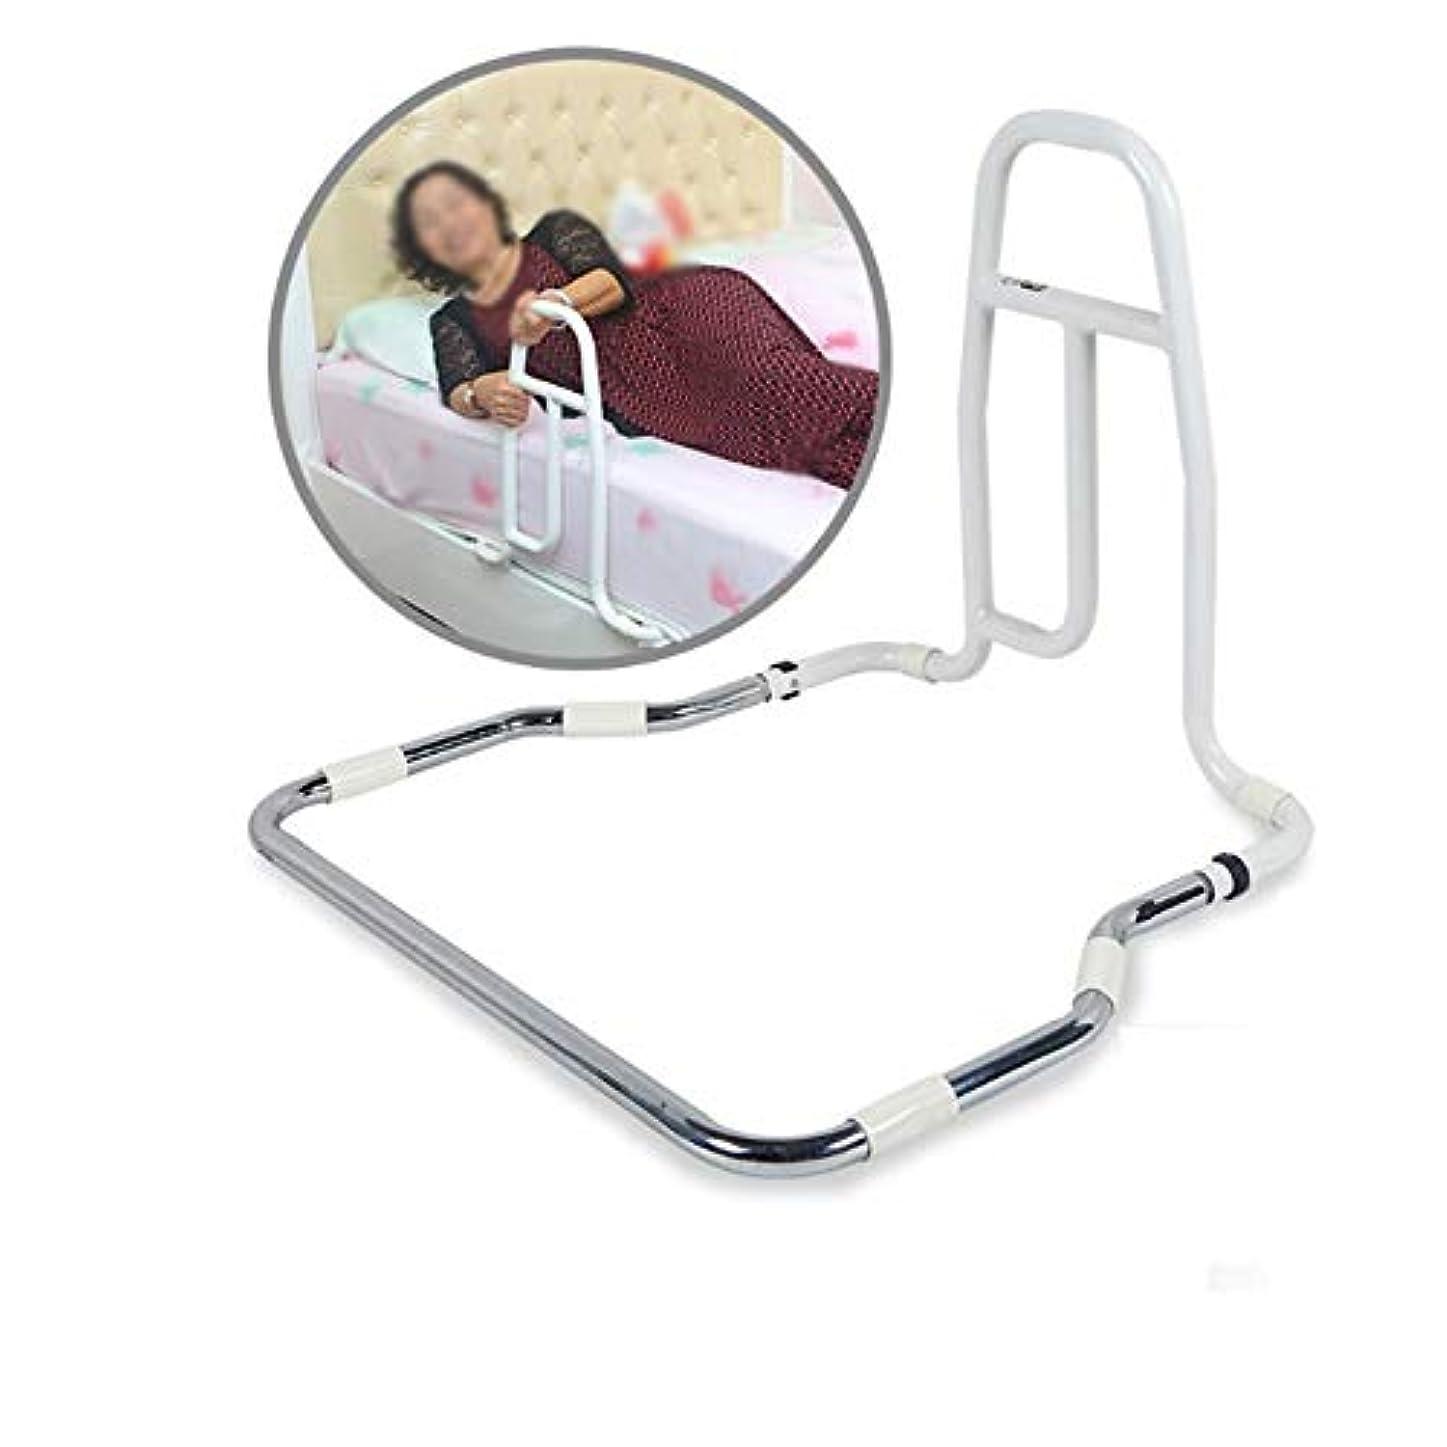 簿記係気づかない鮫ベッドグラブレール、安全な高さ調節可能なレール、ベッドの出入りを支援、安定補助具、高齢者用、身体障害者、障害者、ディバンベッドグラブハンドル